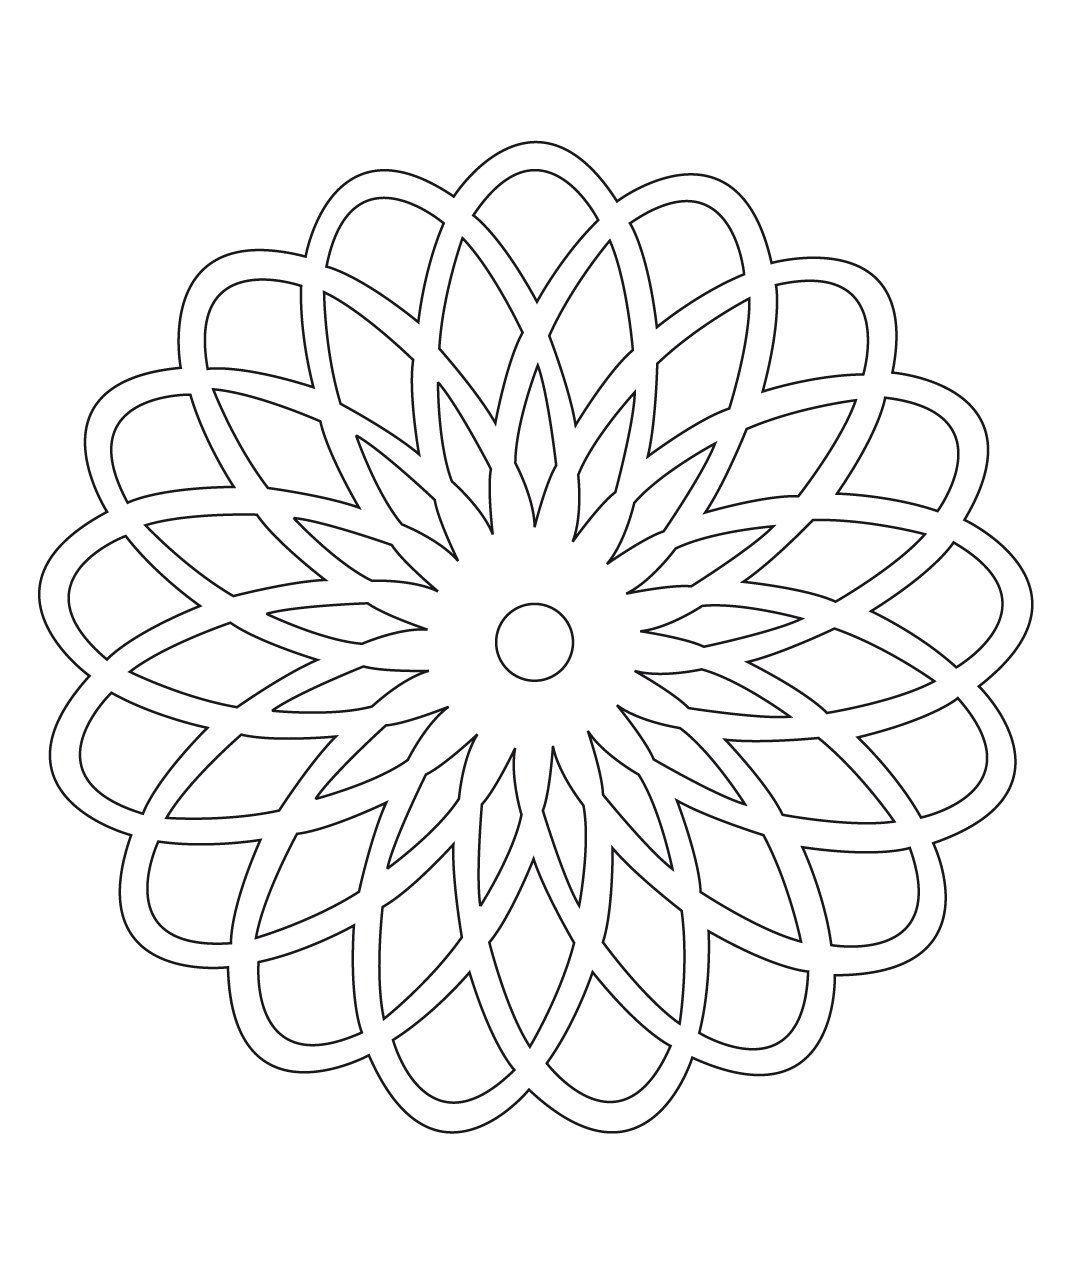 Stci coloriage pour adultes et enfants mandalas templates patterns mandala painting - Mandala adulte ...